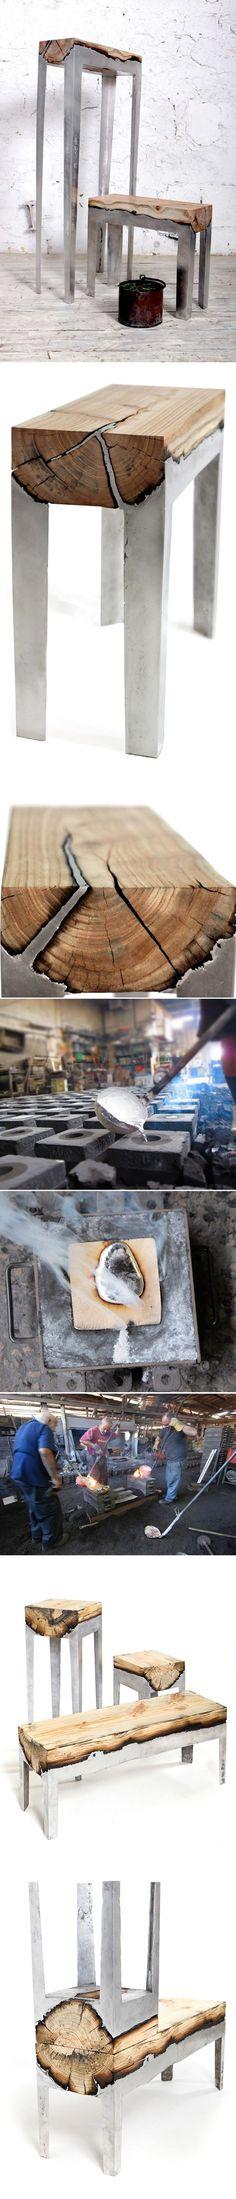 wood casting par Hilla Shamia Assises bois + aluminium par Hilla Shamia Hilla Shamia a baptisé son dernier concept « wood casting », il utilise le bois brut et l'intègre dans son mobilier en coulant de l'aluminium en fusion. Une fois refroidi, il découpe les blocs d'aluminium pour mettre à jour le bois brulé en surface, le résultat est simplement magnifique.: